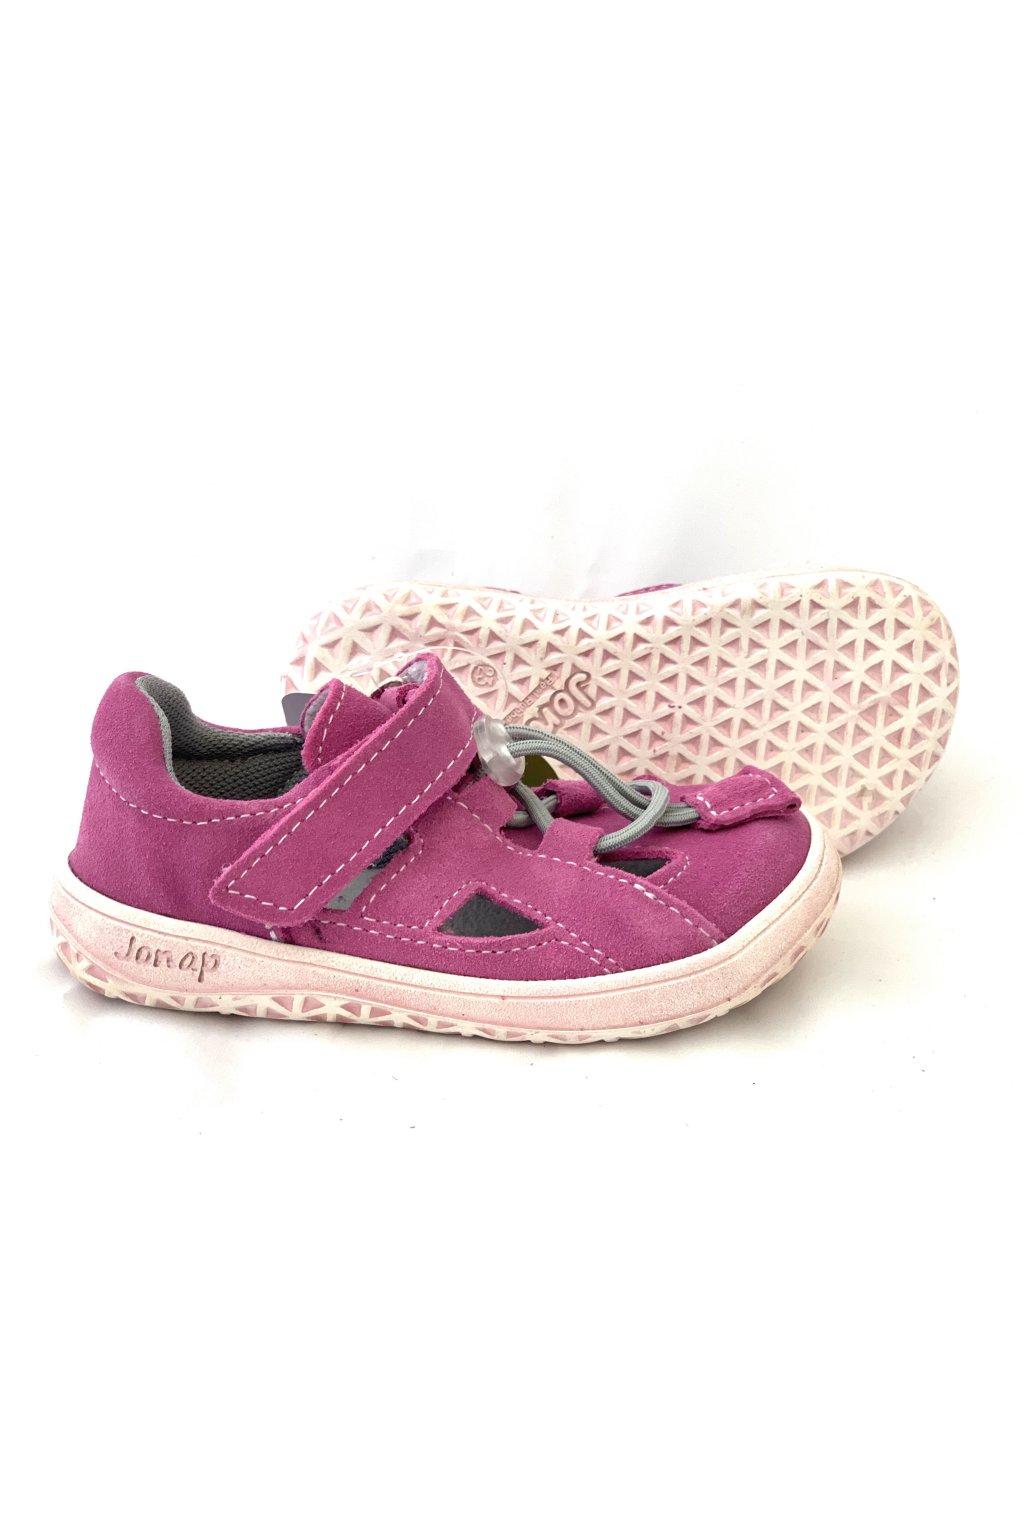 Jonap B9 sandálky - ružová